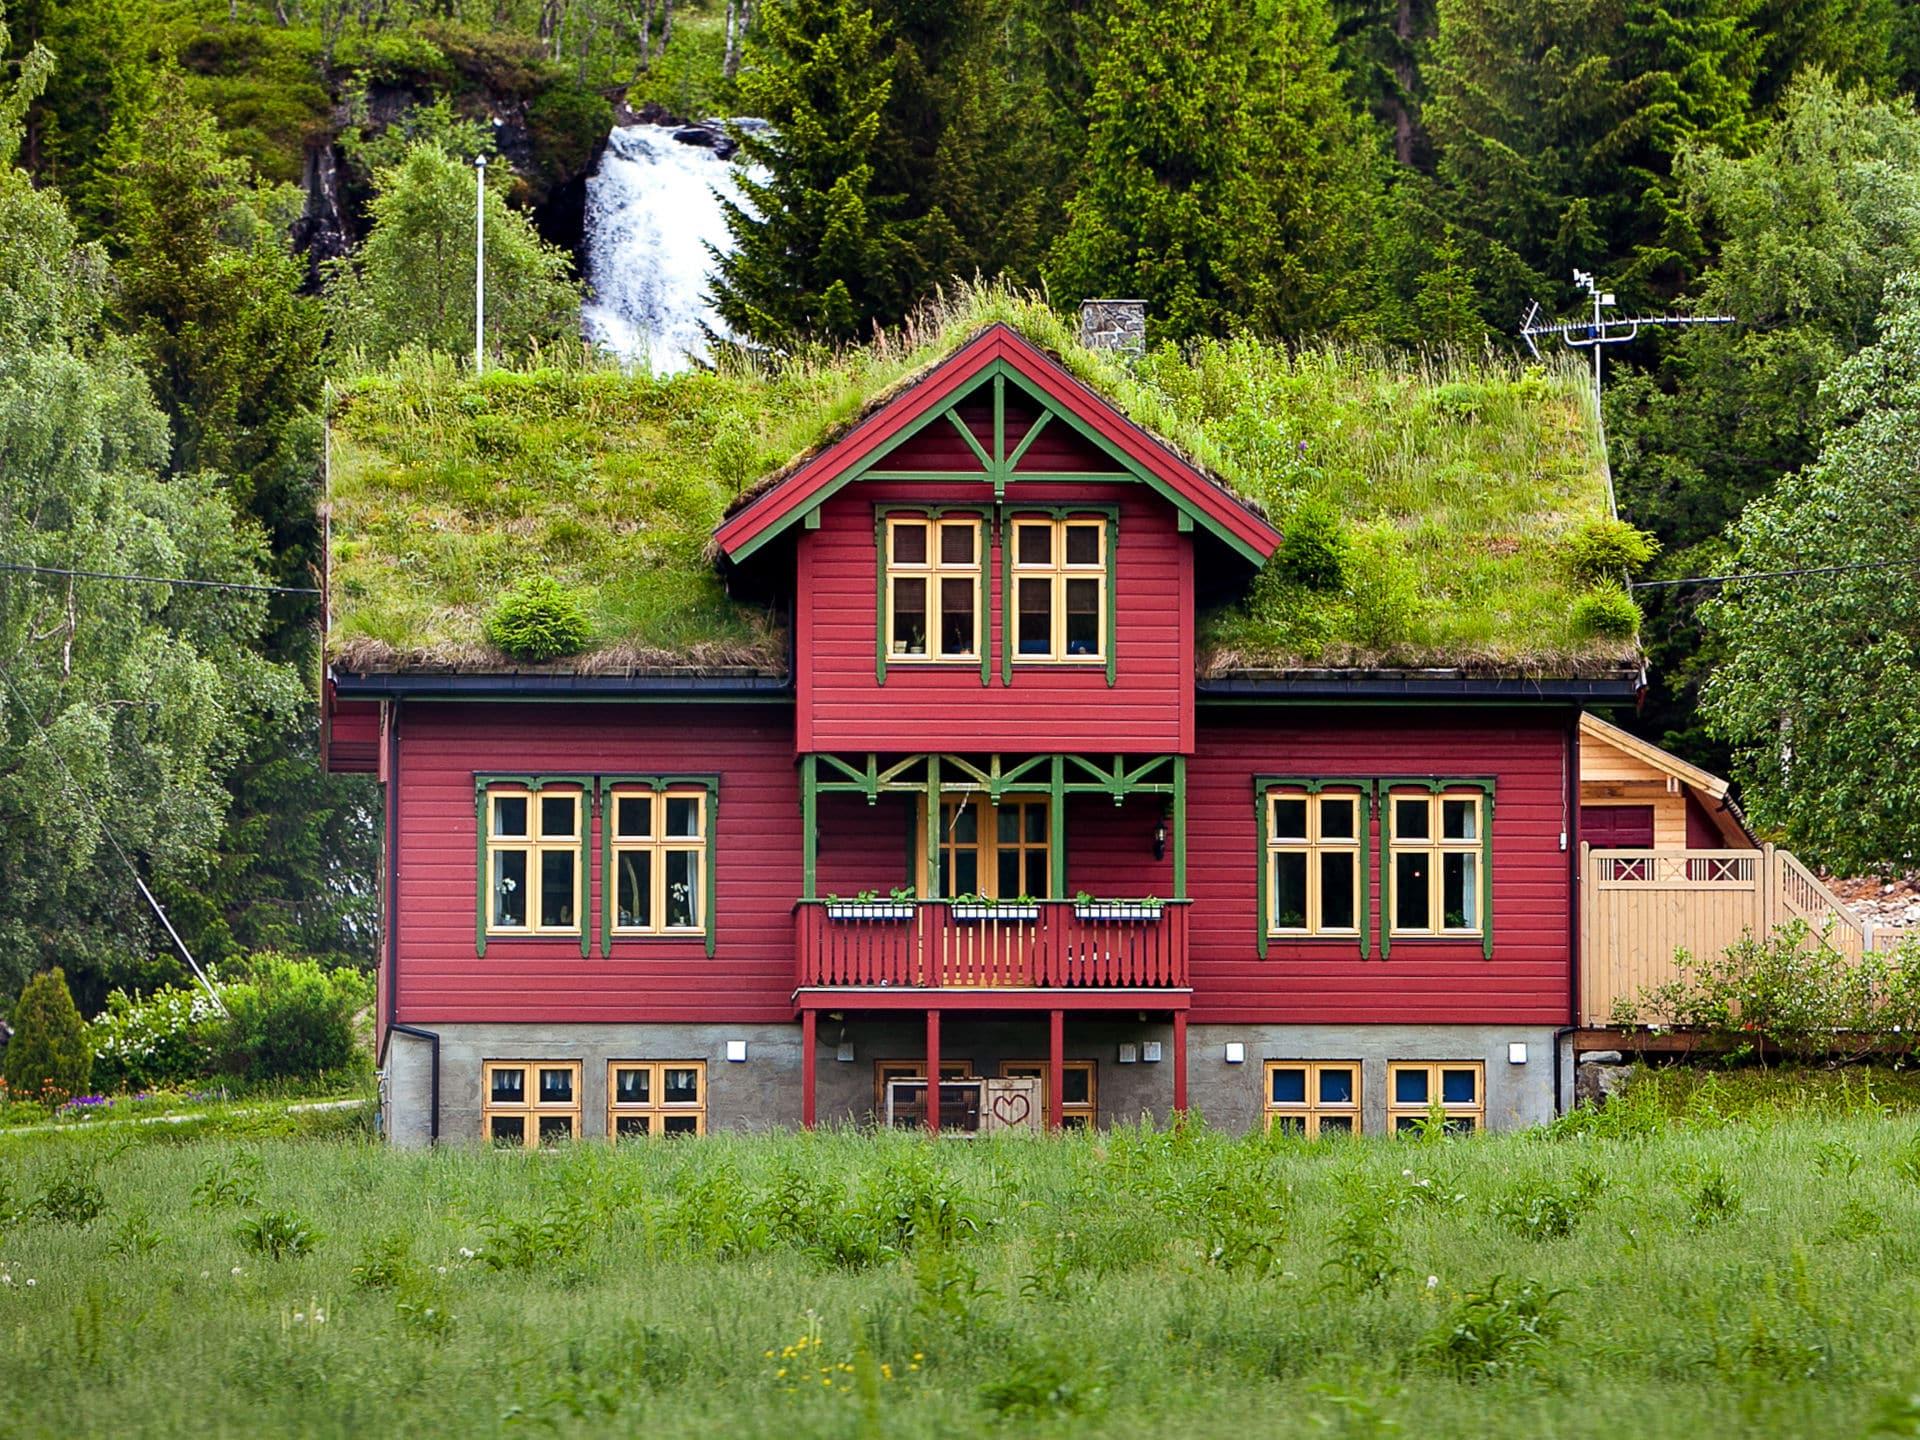 Mehrstöckiges Holzhaus mit Gründach © Shutterstock.com - Coy_Creek